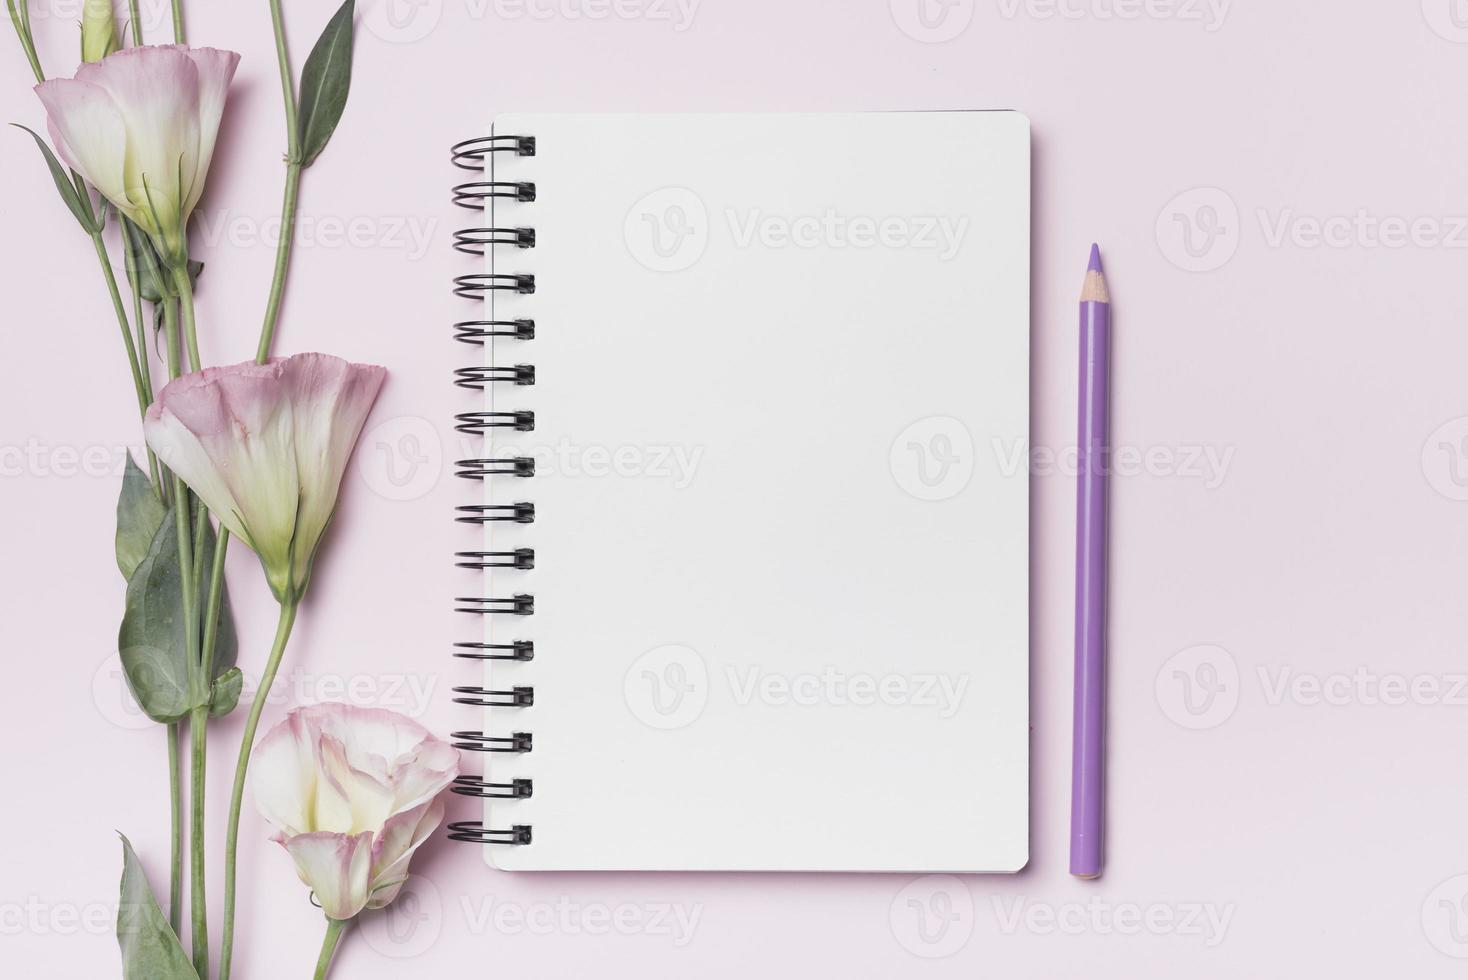 fiori di eustoma con taccuino a spirale vuoto con matita viola su sfondo rosa foto